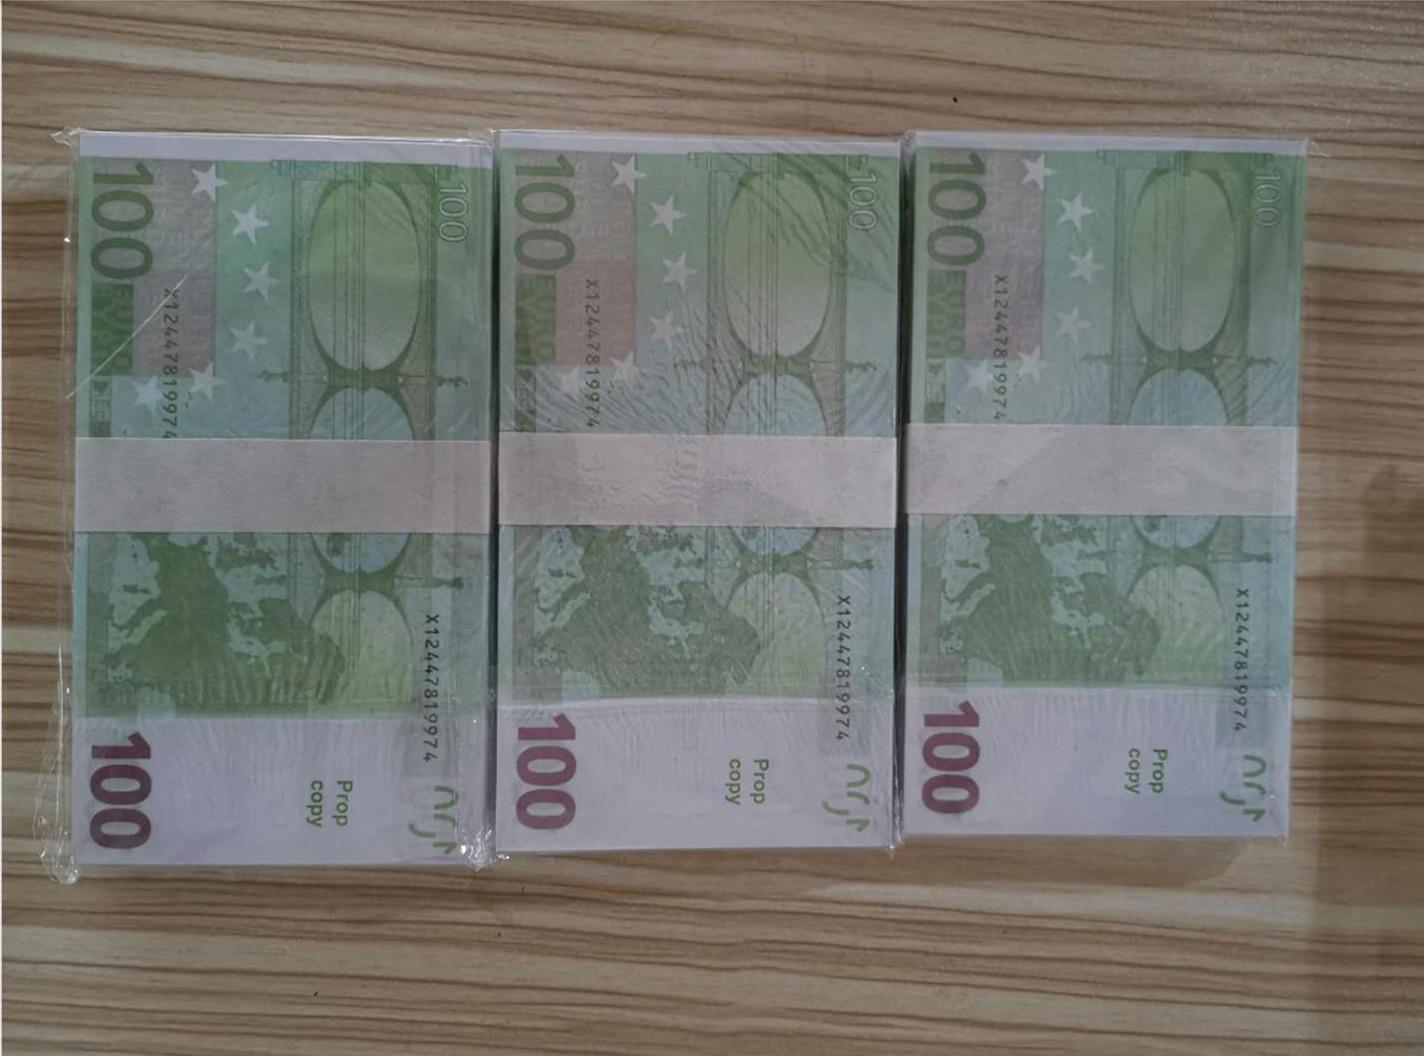 Euro Magic Le100-46 Nuovi puntelli Biglietto carta Euro Soldi 100 FMXUD Billet Billet Bambini Gift Giocattolo Prop Counterfeit Faux UVNFJ